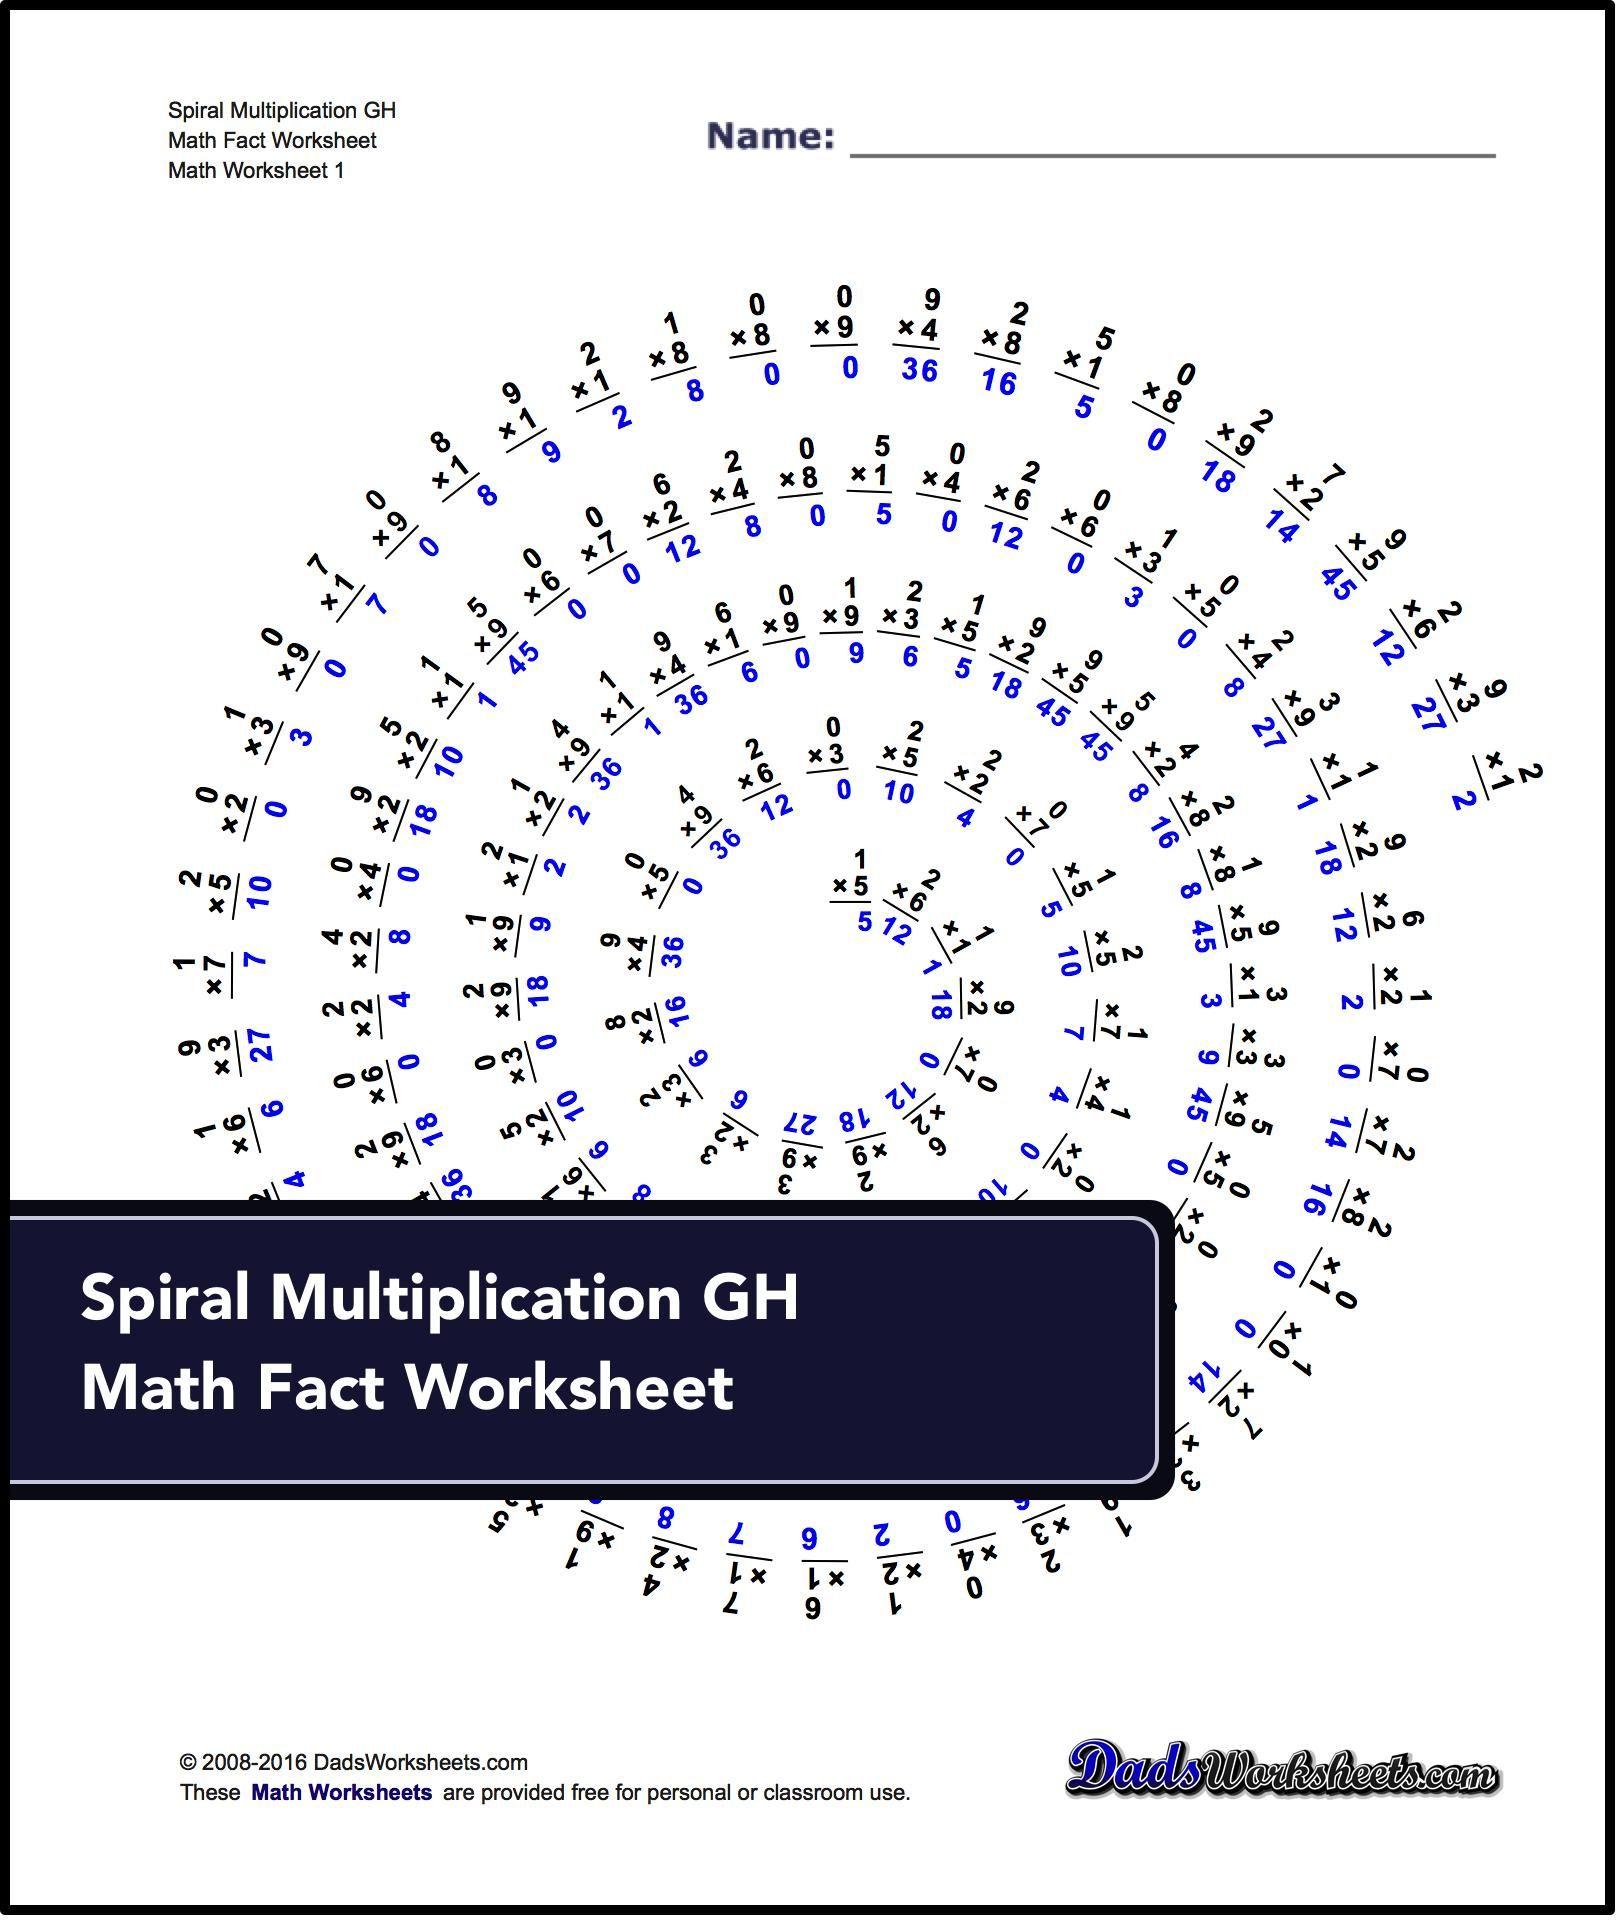 Multiplication Worksheets For Spiral Multiplication Gh